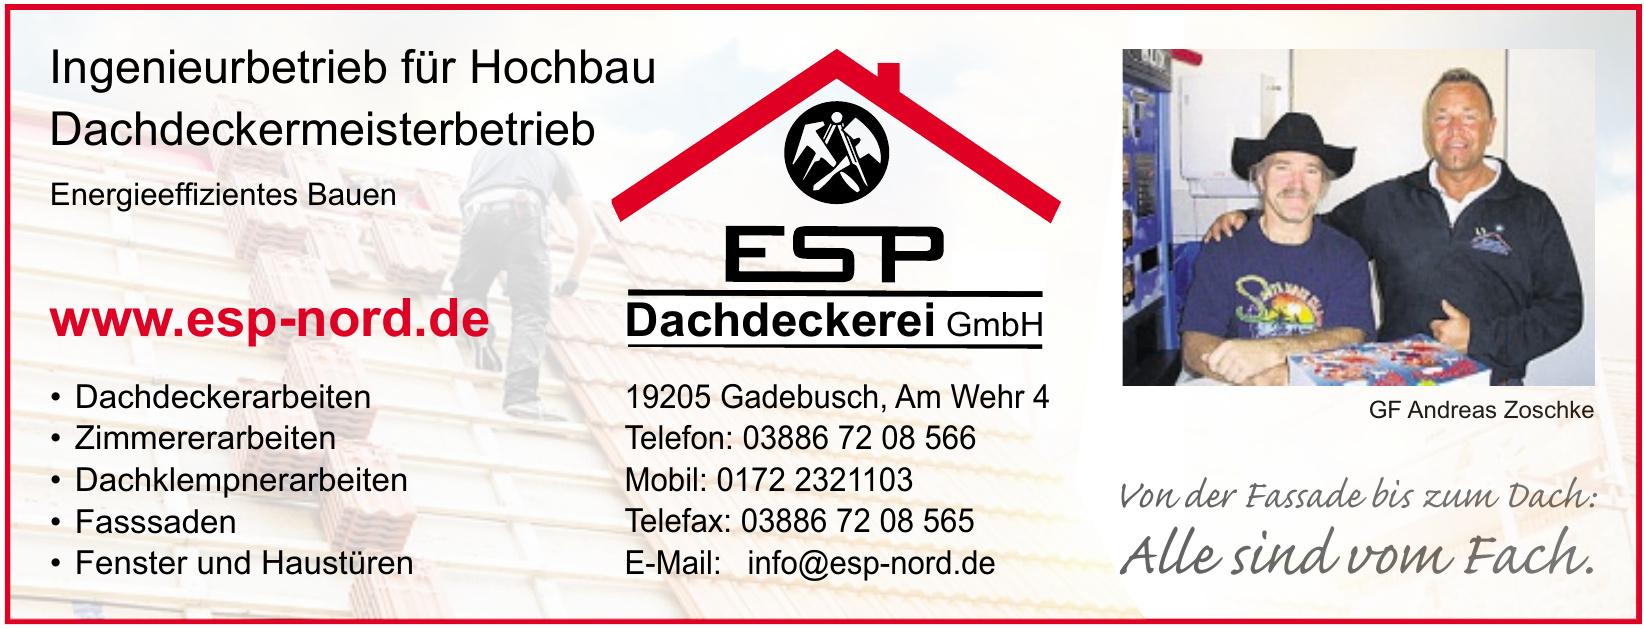 ESP Dachdeckerei GmbH